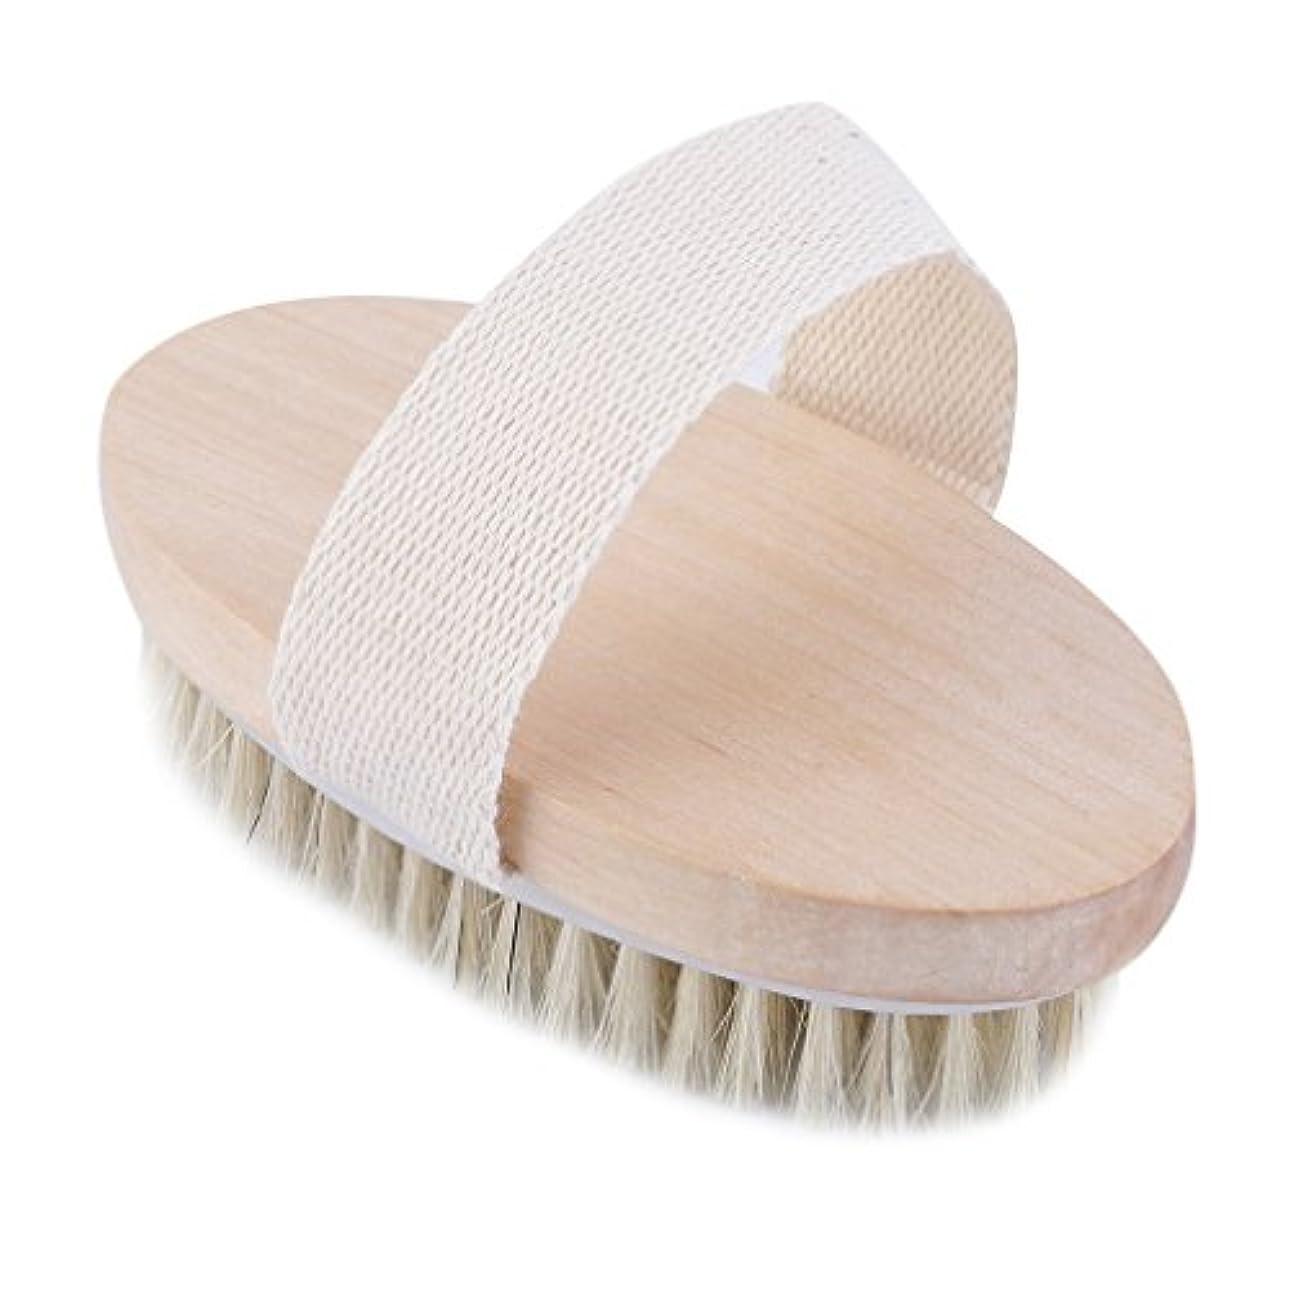 接辞結核矢Nerhaily 豚毛 天然素材 木製 短柄 ボディブラシ 足を洗う 角質除去 美肌 バス用品